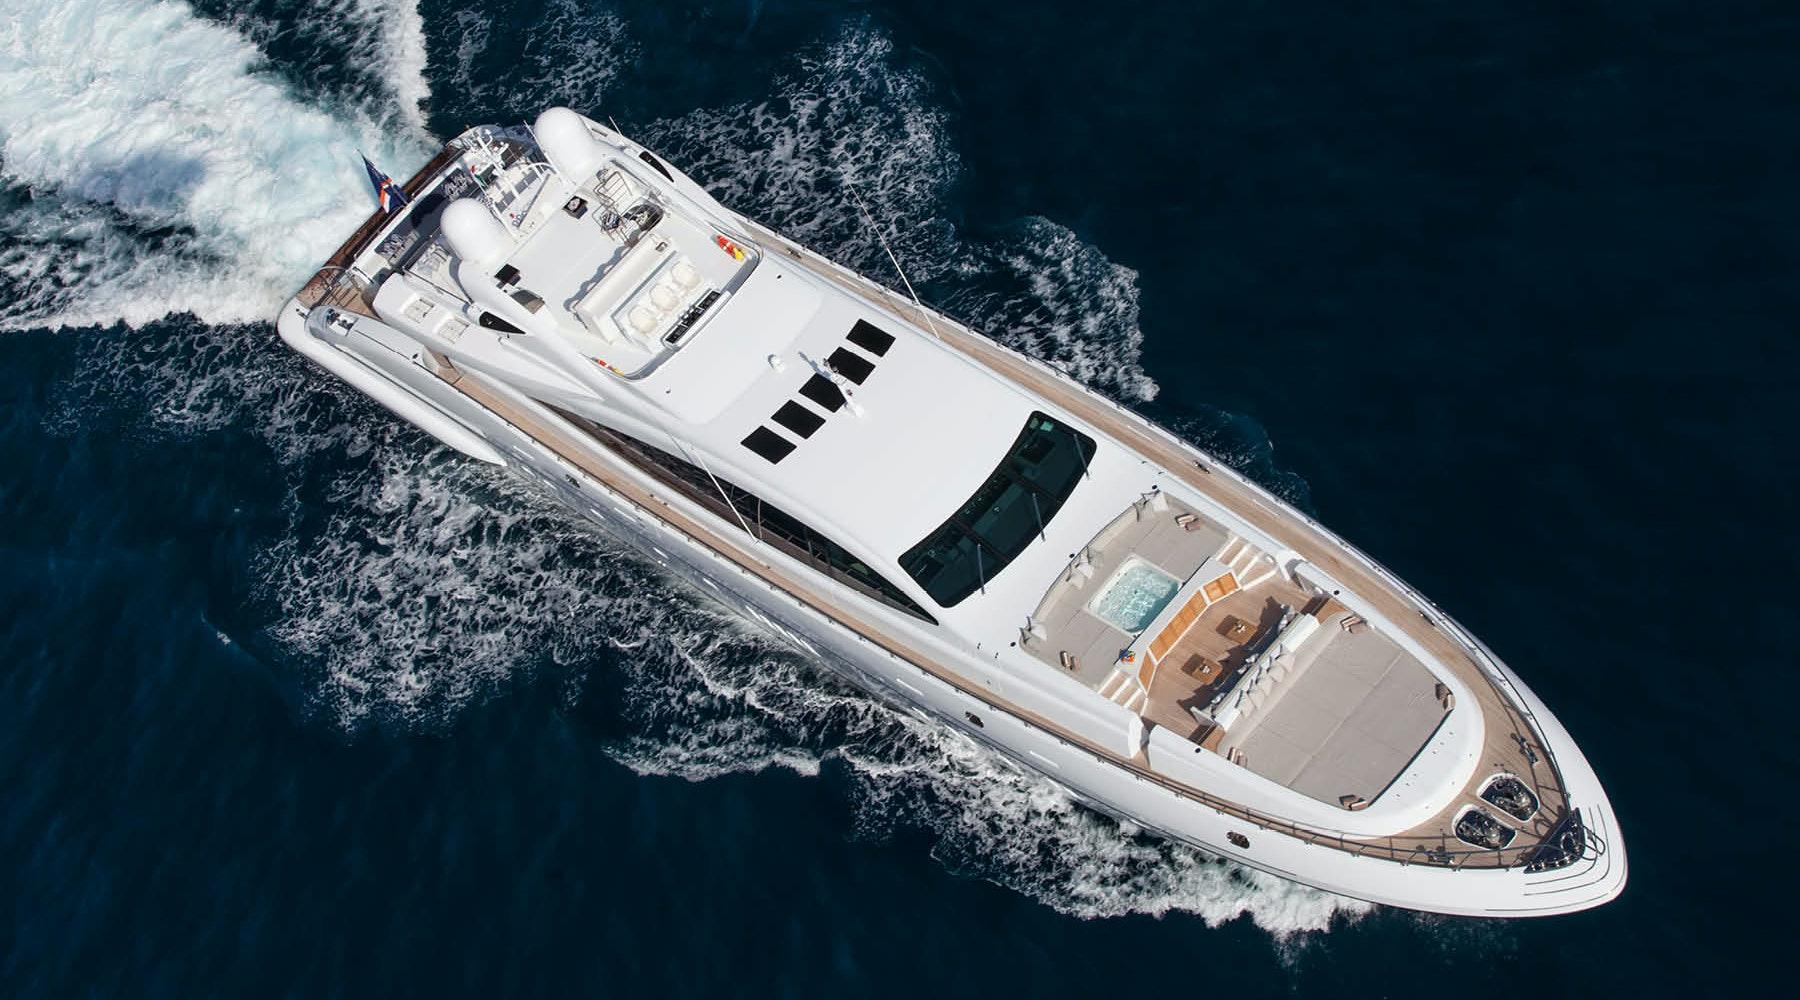 APRICITY-yacht-vbs-01.jpg